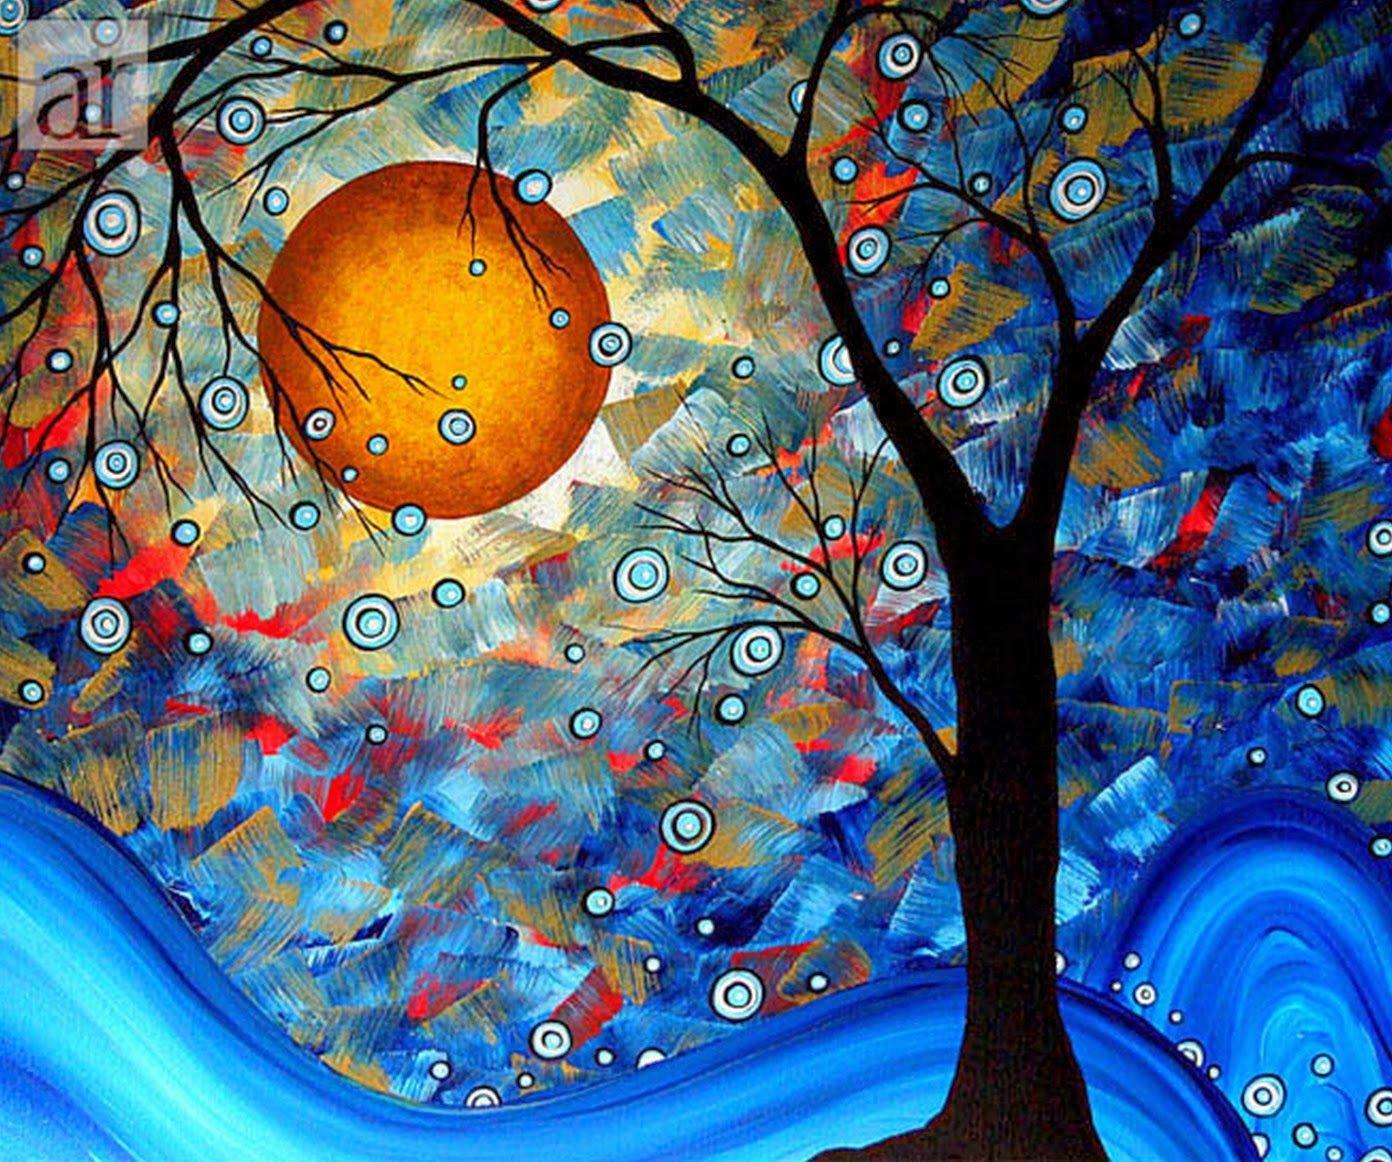 arte-abstracto-pintura | pintura | Pinterest | Dibujos abstractos ...